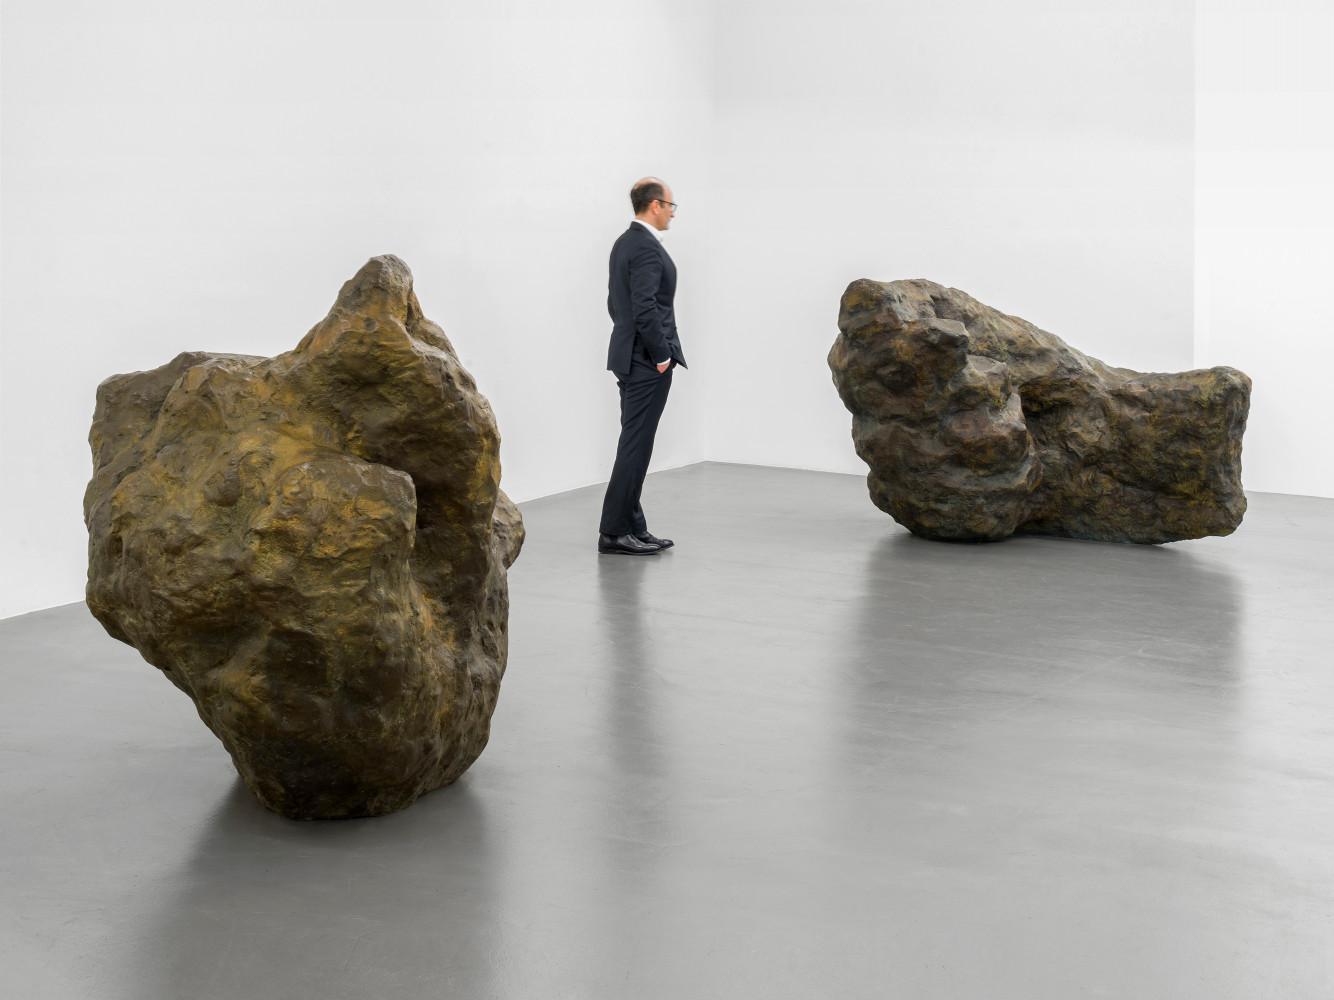 William Tucker, 'William Tucker –Figure Advancing', Installation view, Buchmann Galerie, 2020